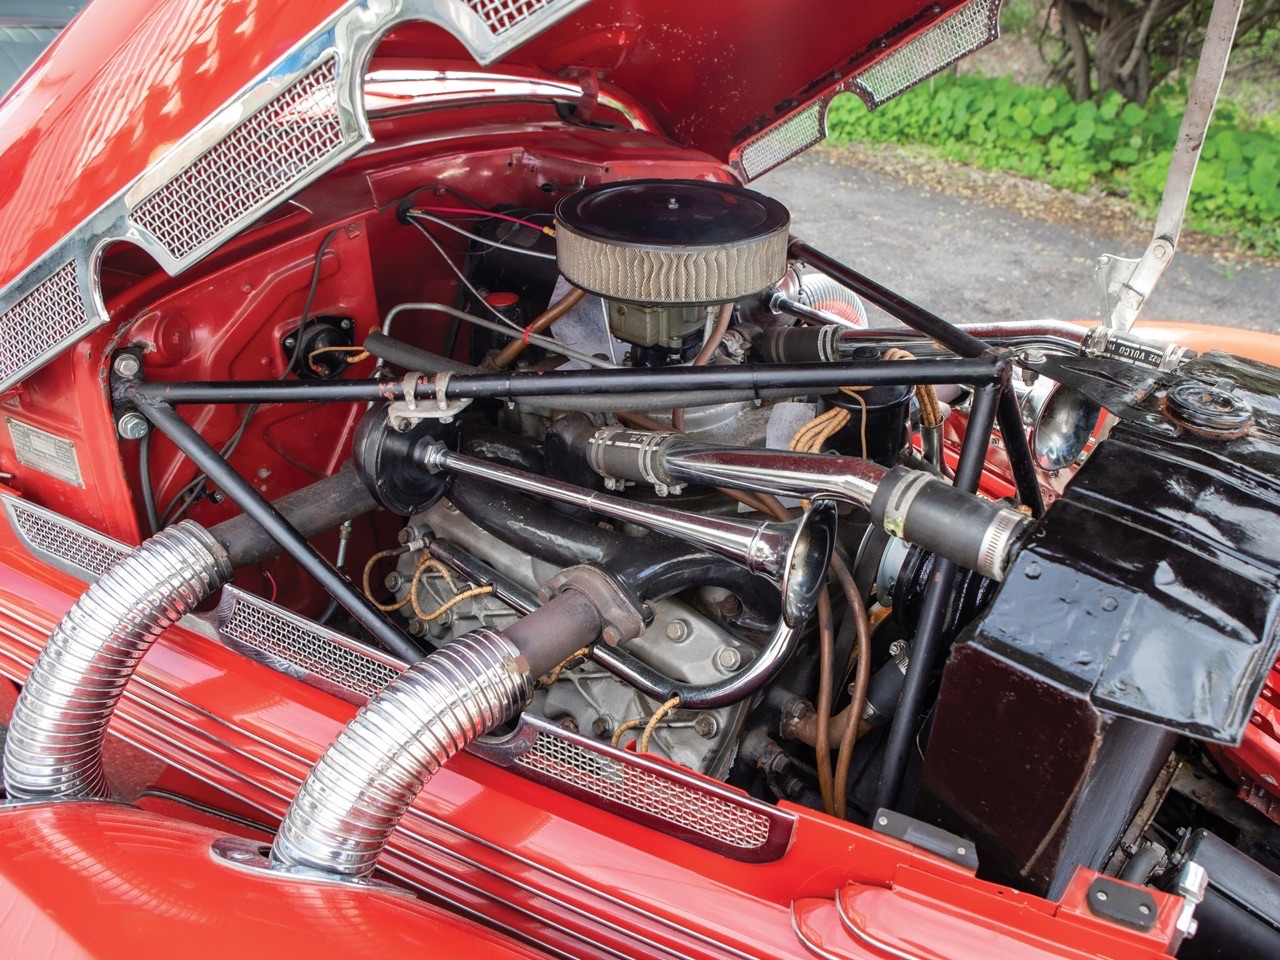 '37 Cord 812 Supercharged - Celle qu'on connait mais qu'on ne connait pas ! 4